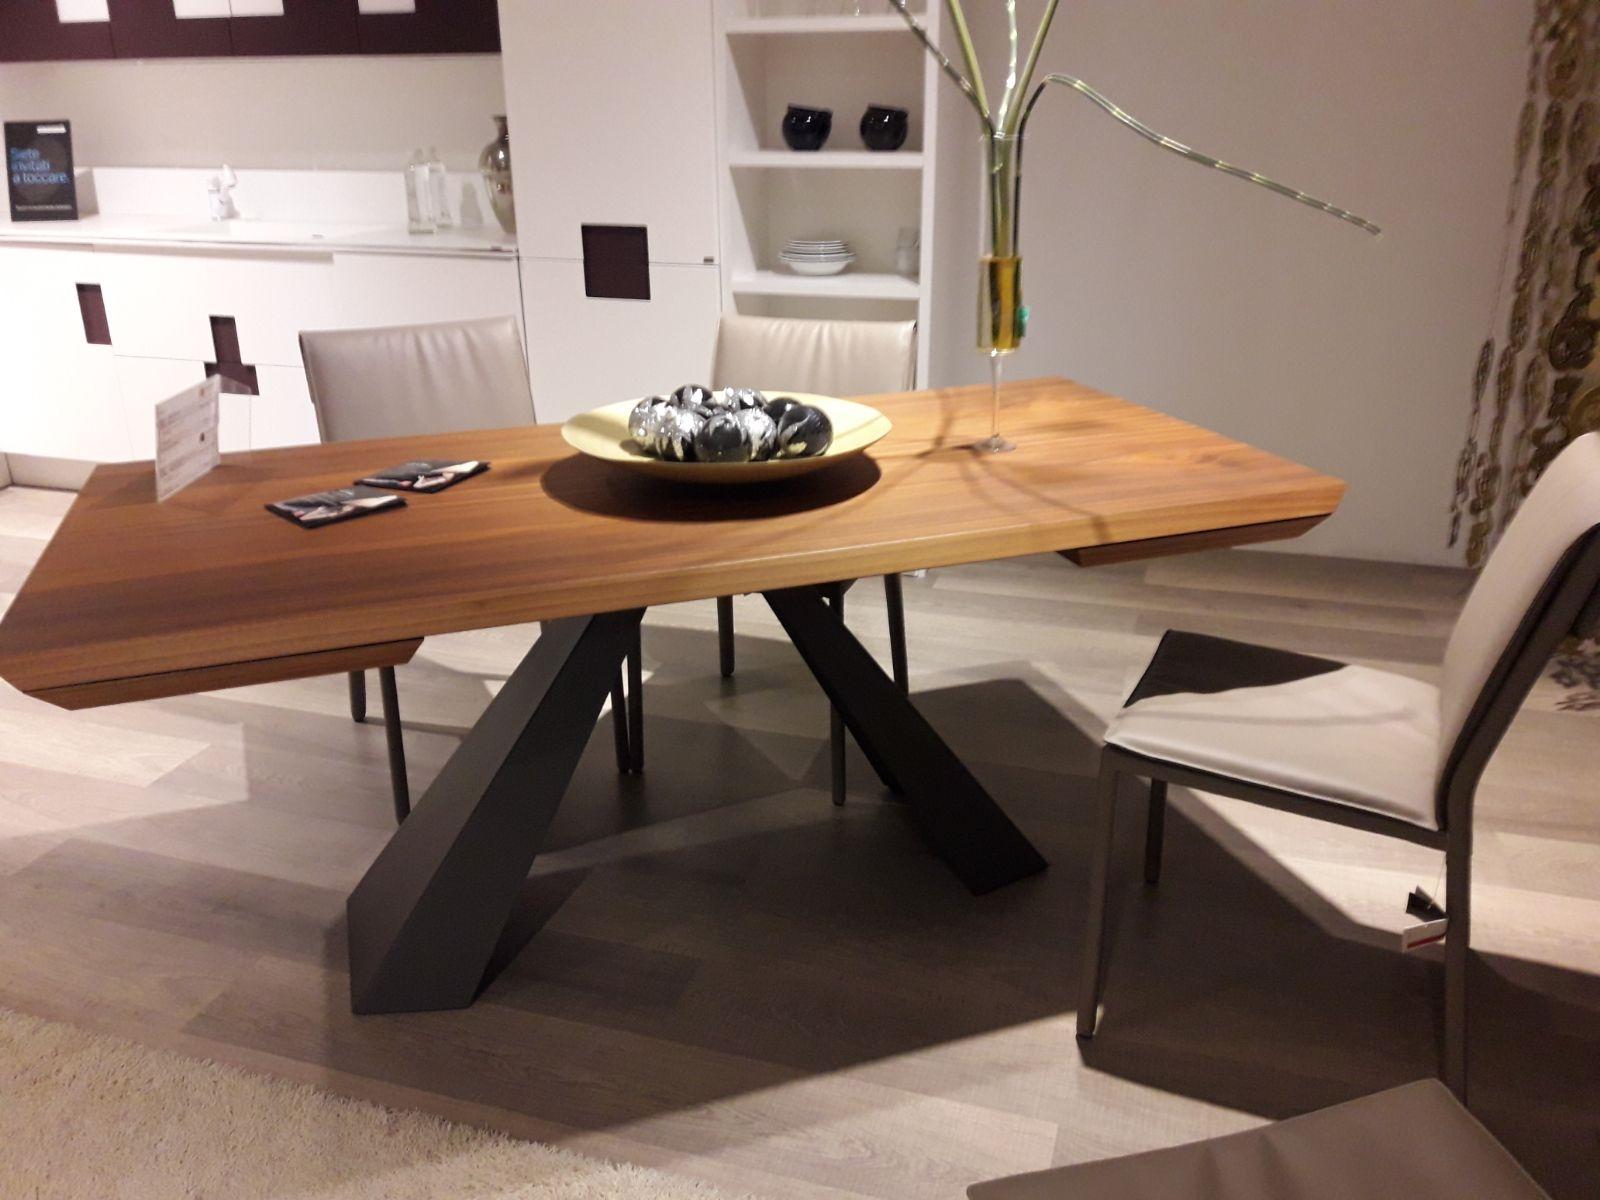 Tavolo soggiorno allungabile emejing tavolo soggiorno allungabile pictures - Tavolo di vetro per soggiorno ...